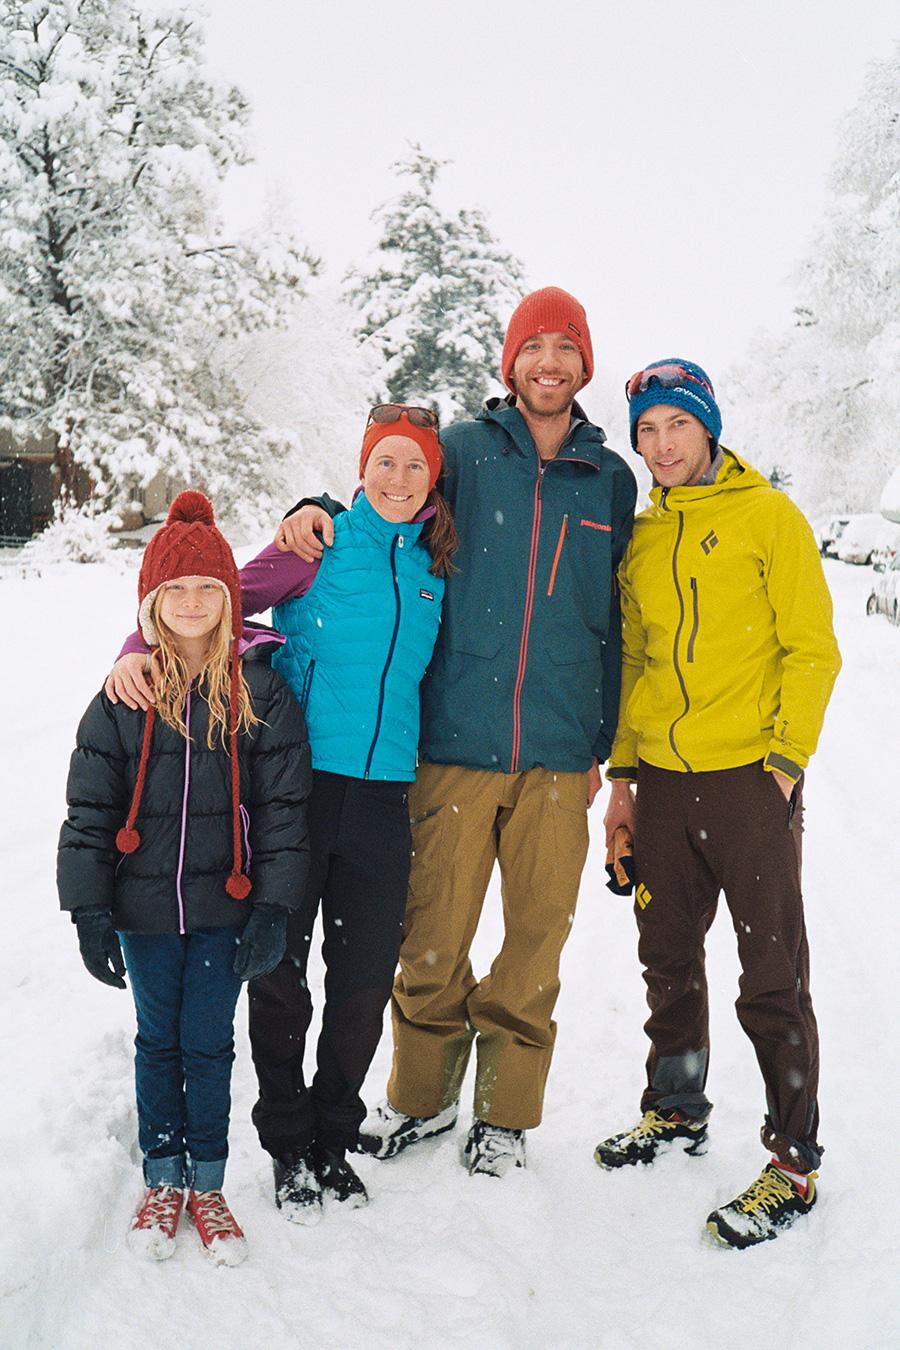 Grace, Sarah, Carl, and Joe.